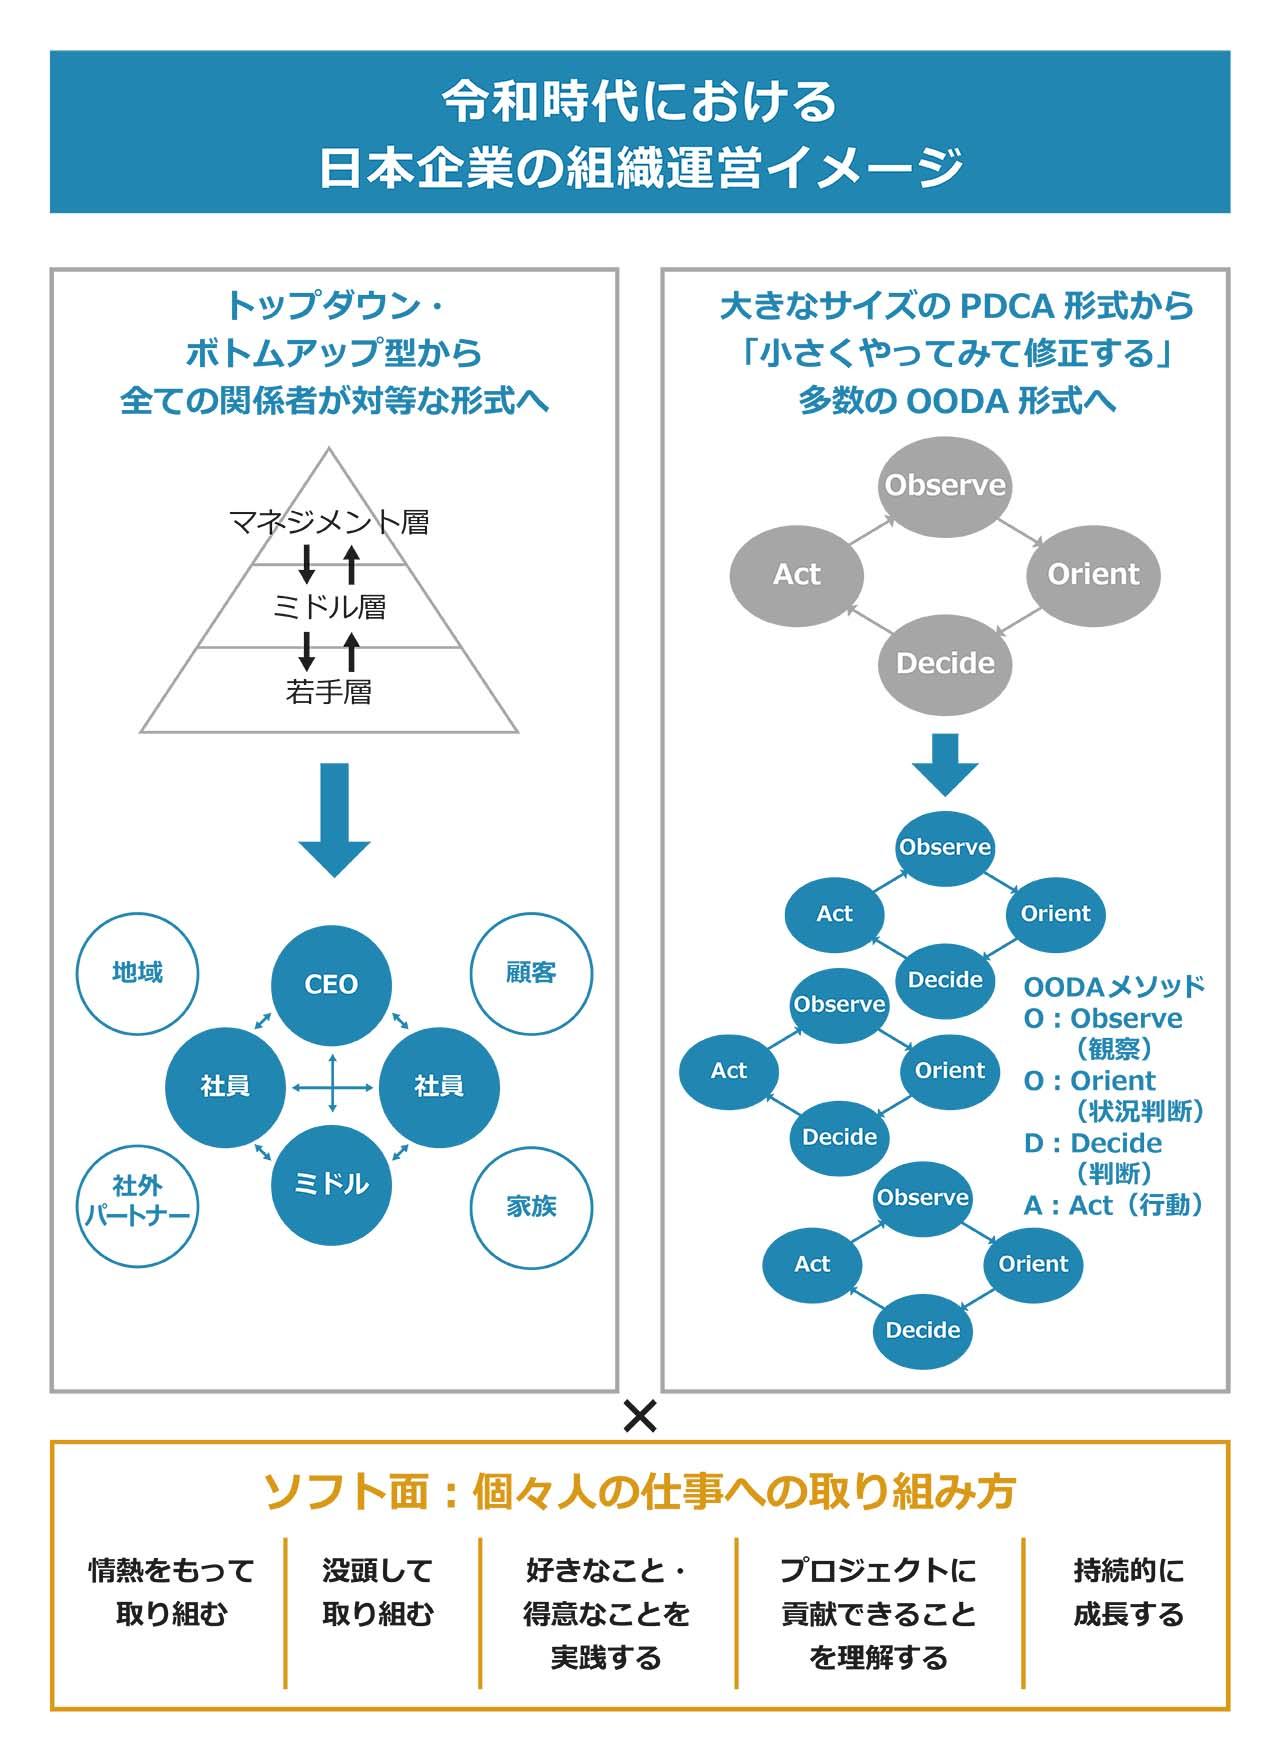 令和時代における日本企業の組織運営イメージ